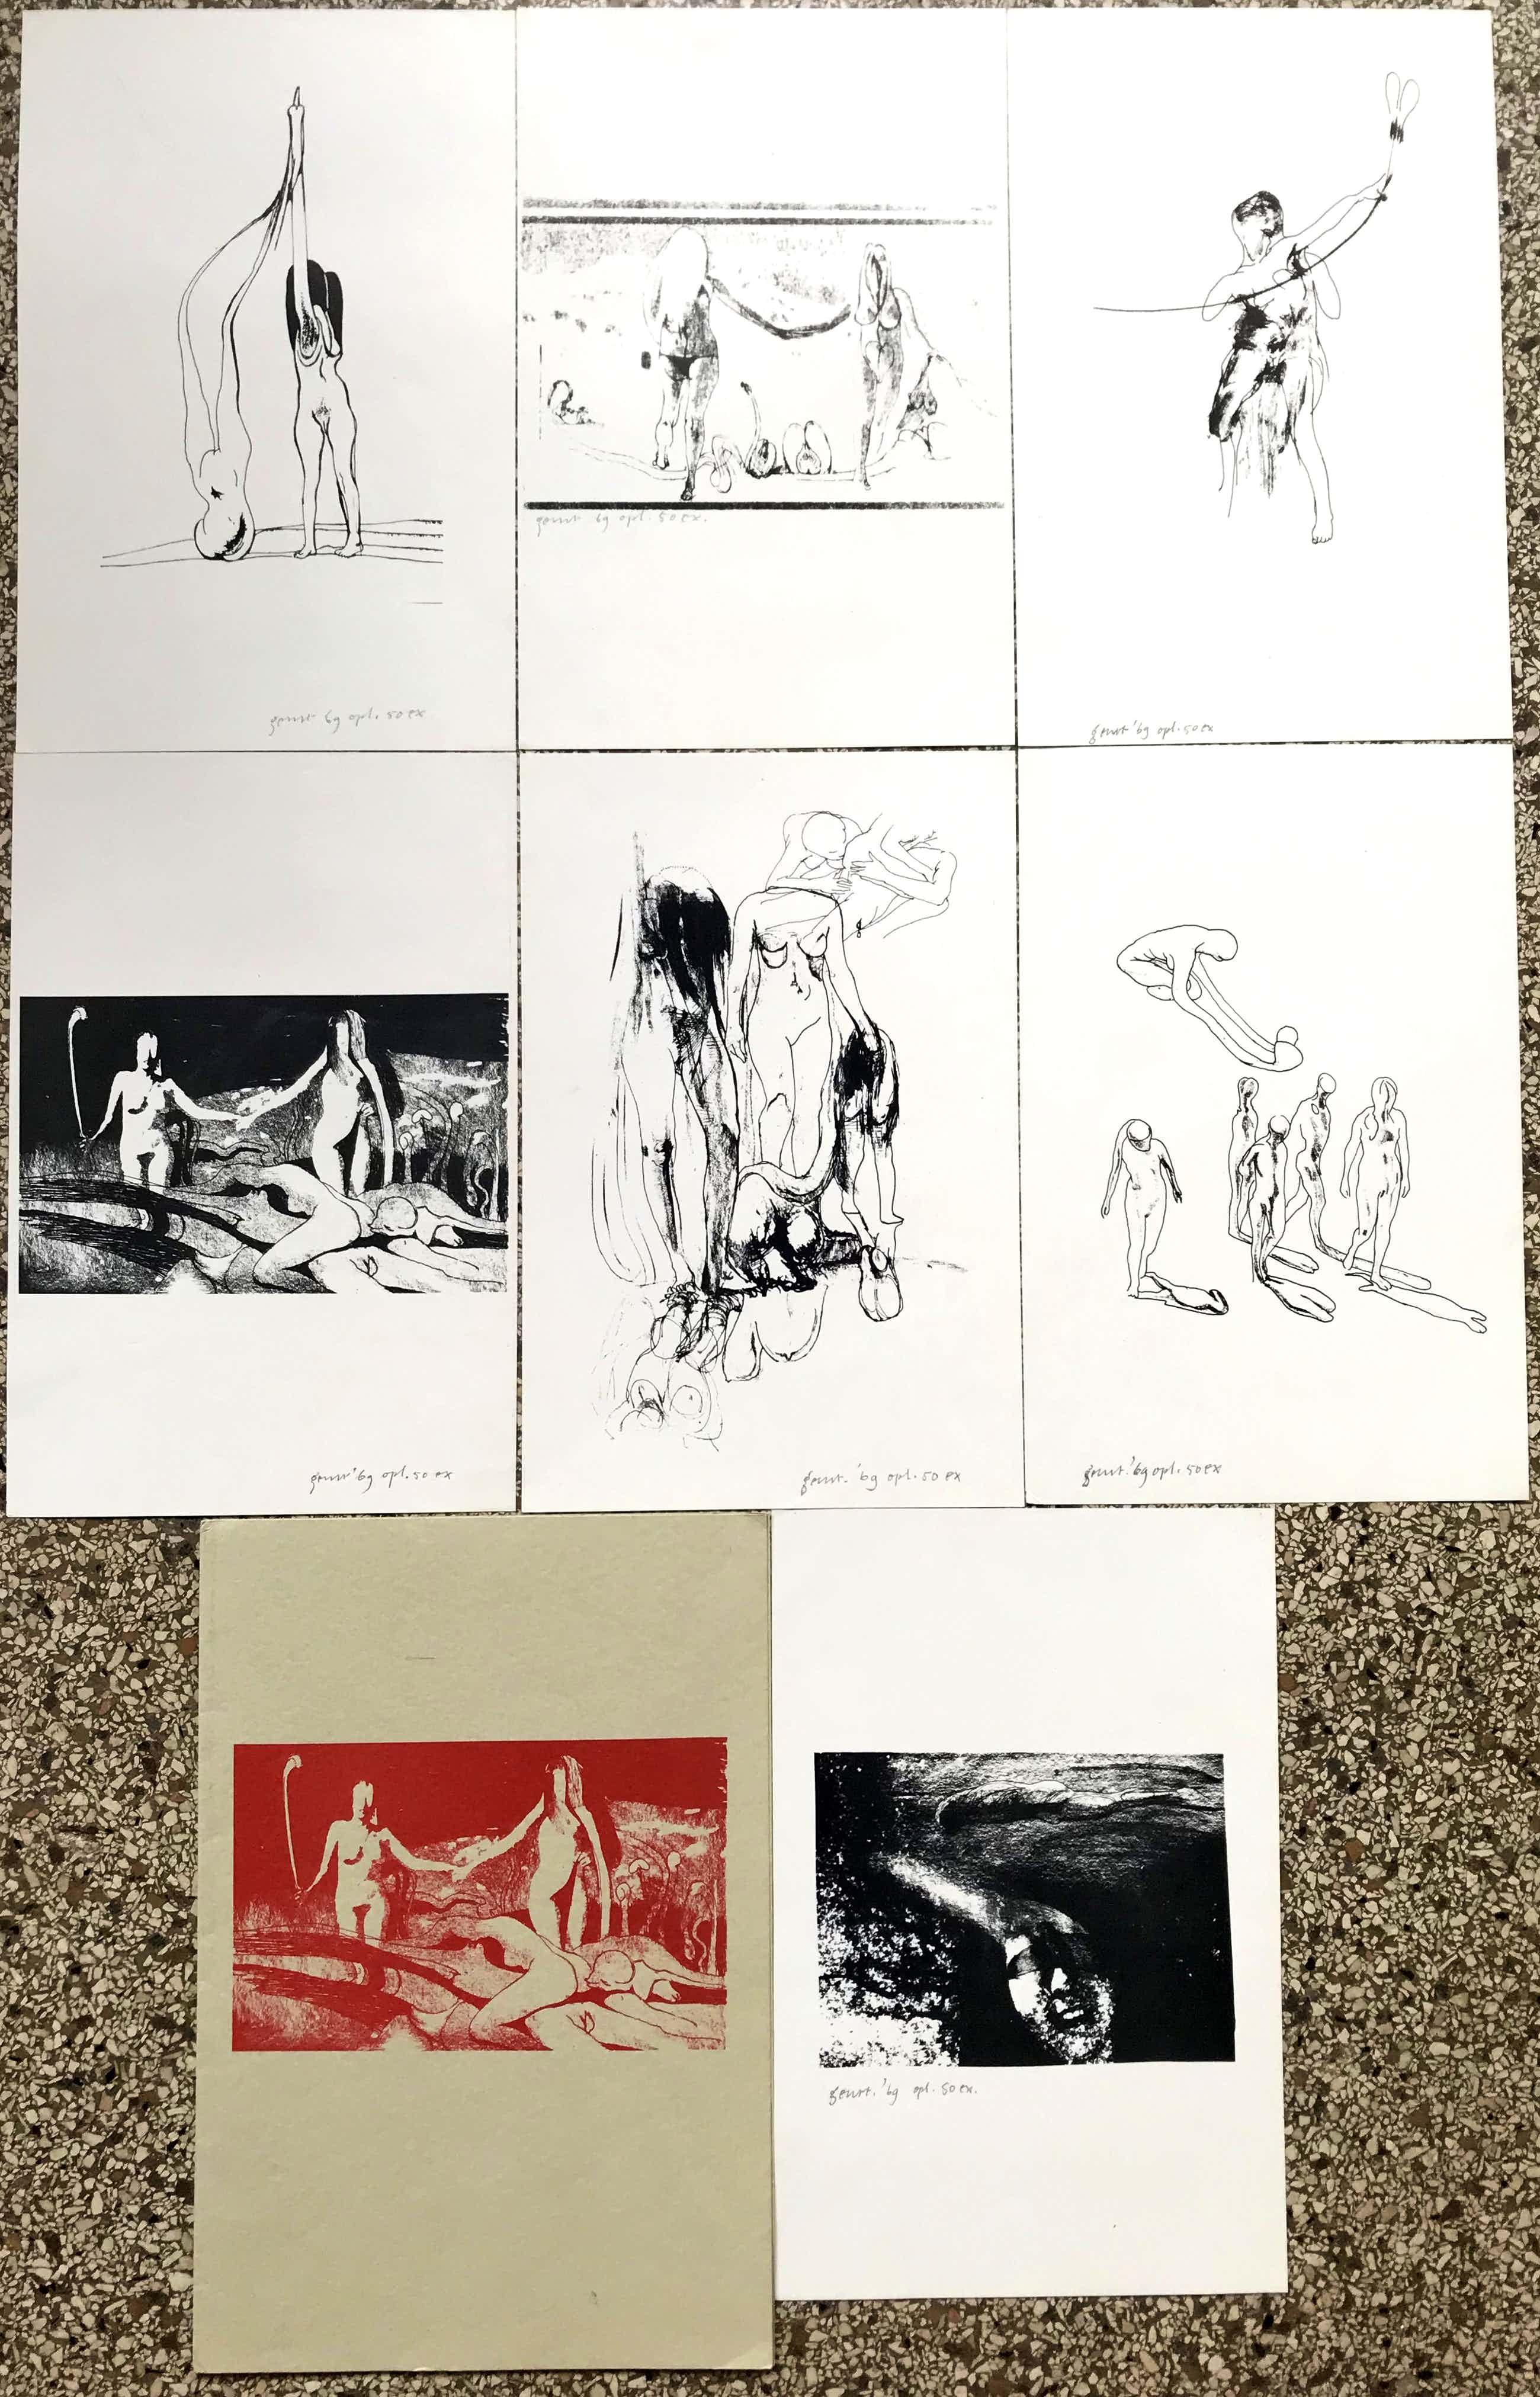 Geurt van Dijk - Map met Erotische werken - gelimiteerde oplage, Handgesigneerd 1969 kopen? Bied vanaf 100!